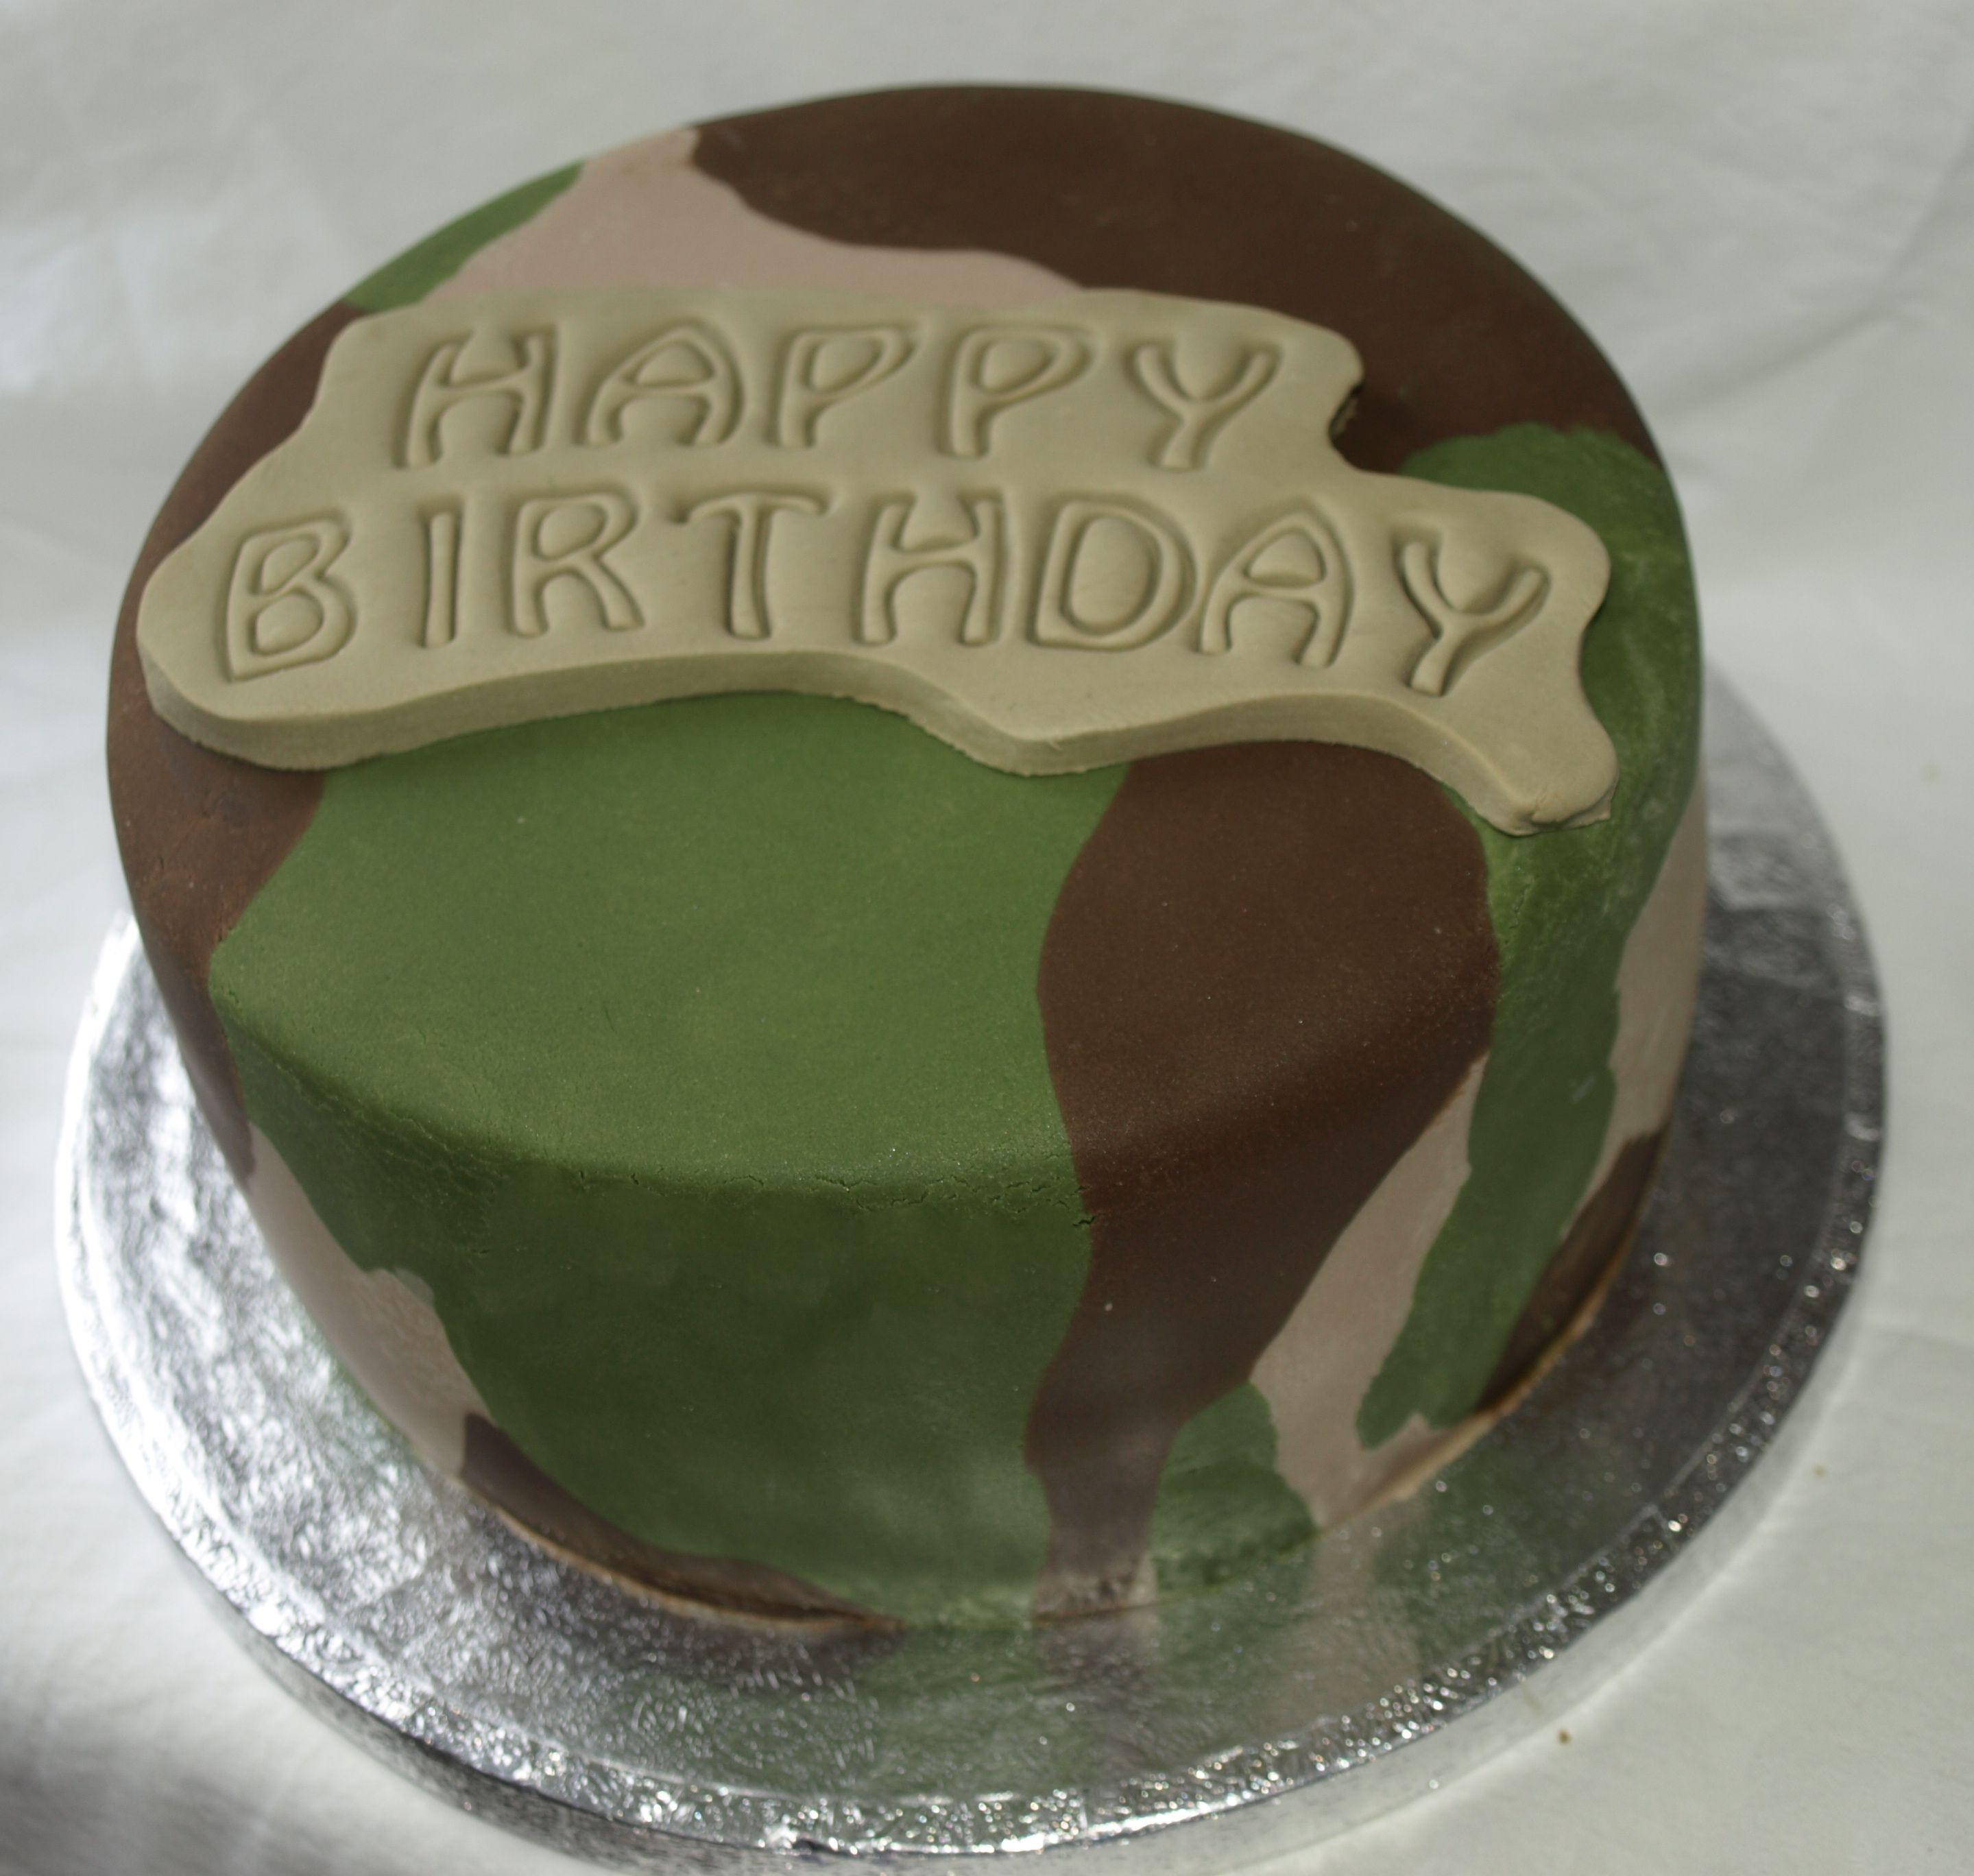 Camouflage Cake Cake Decorating Ideas Pinterest